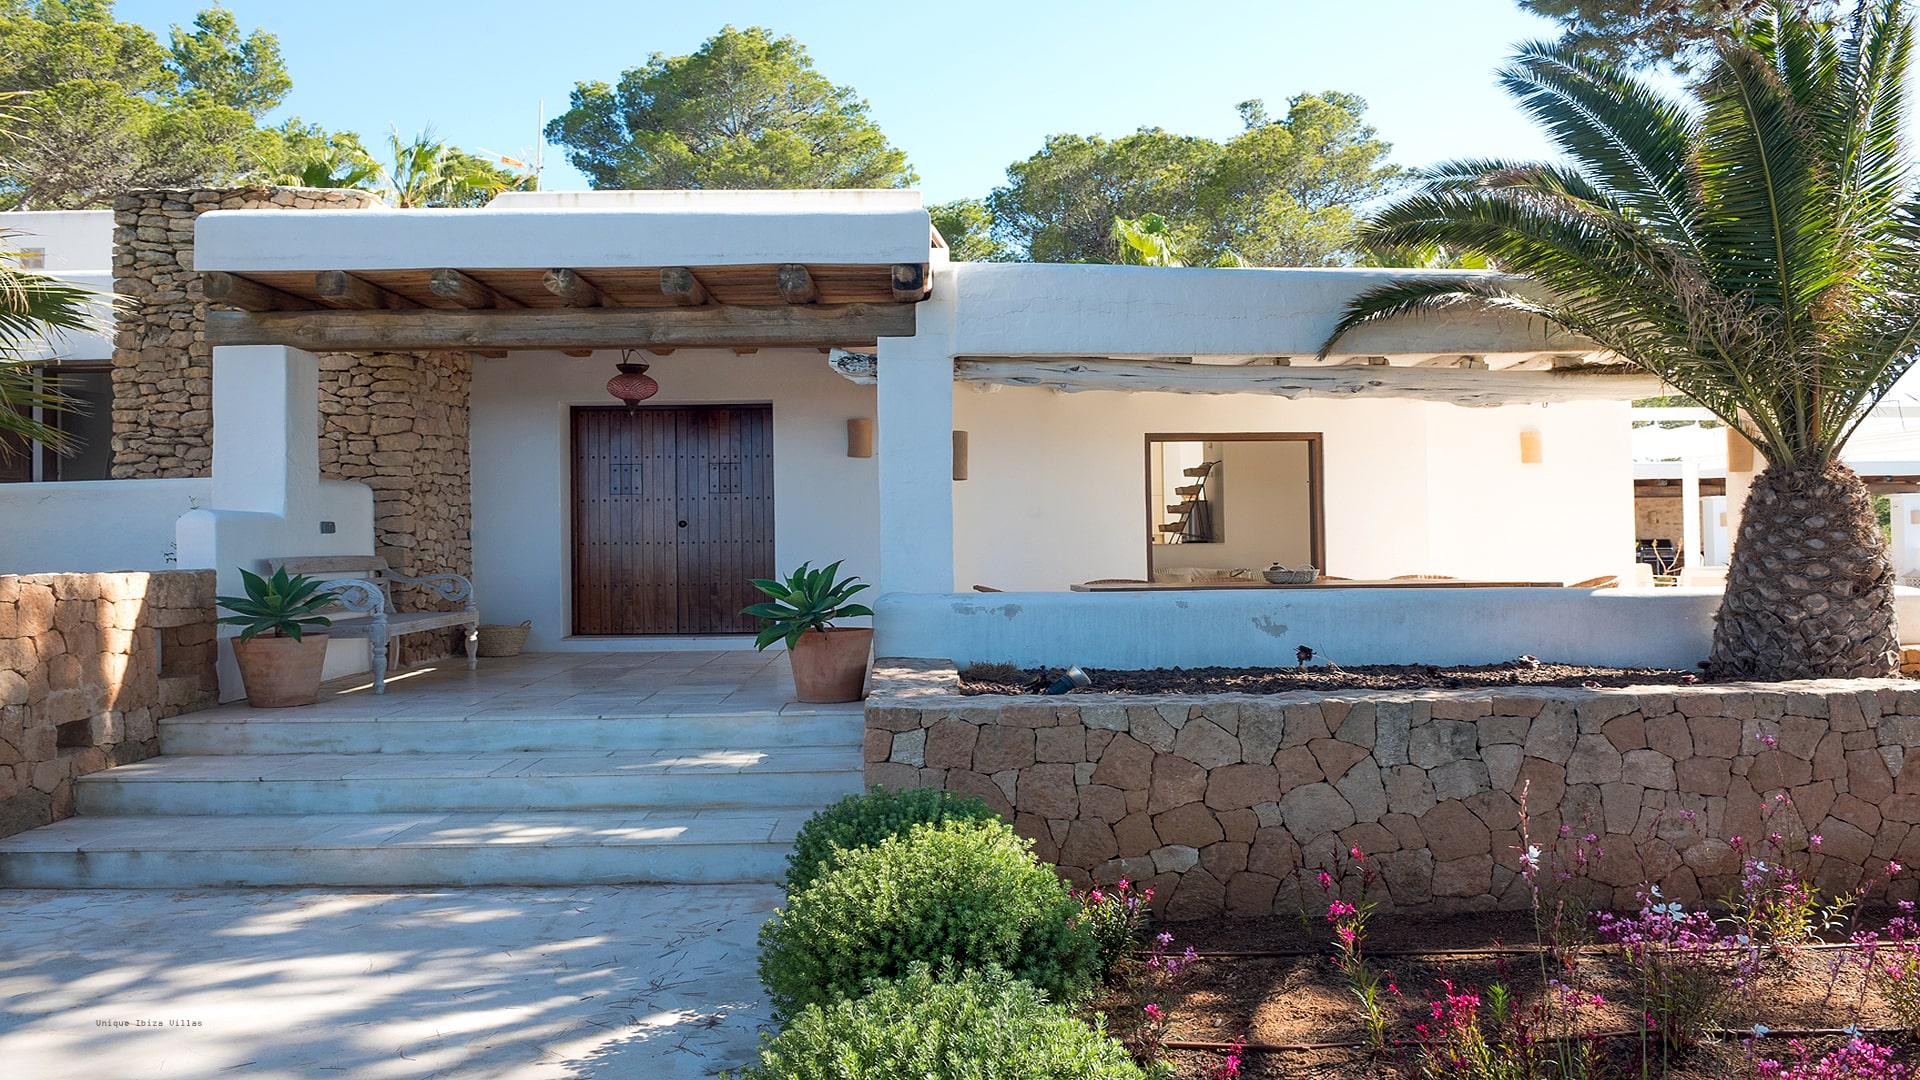 Buenavista Cala Bassa 11A Ibiza